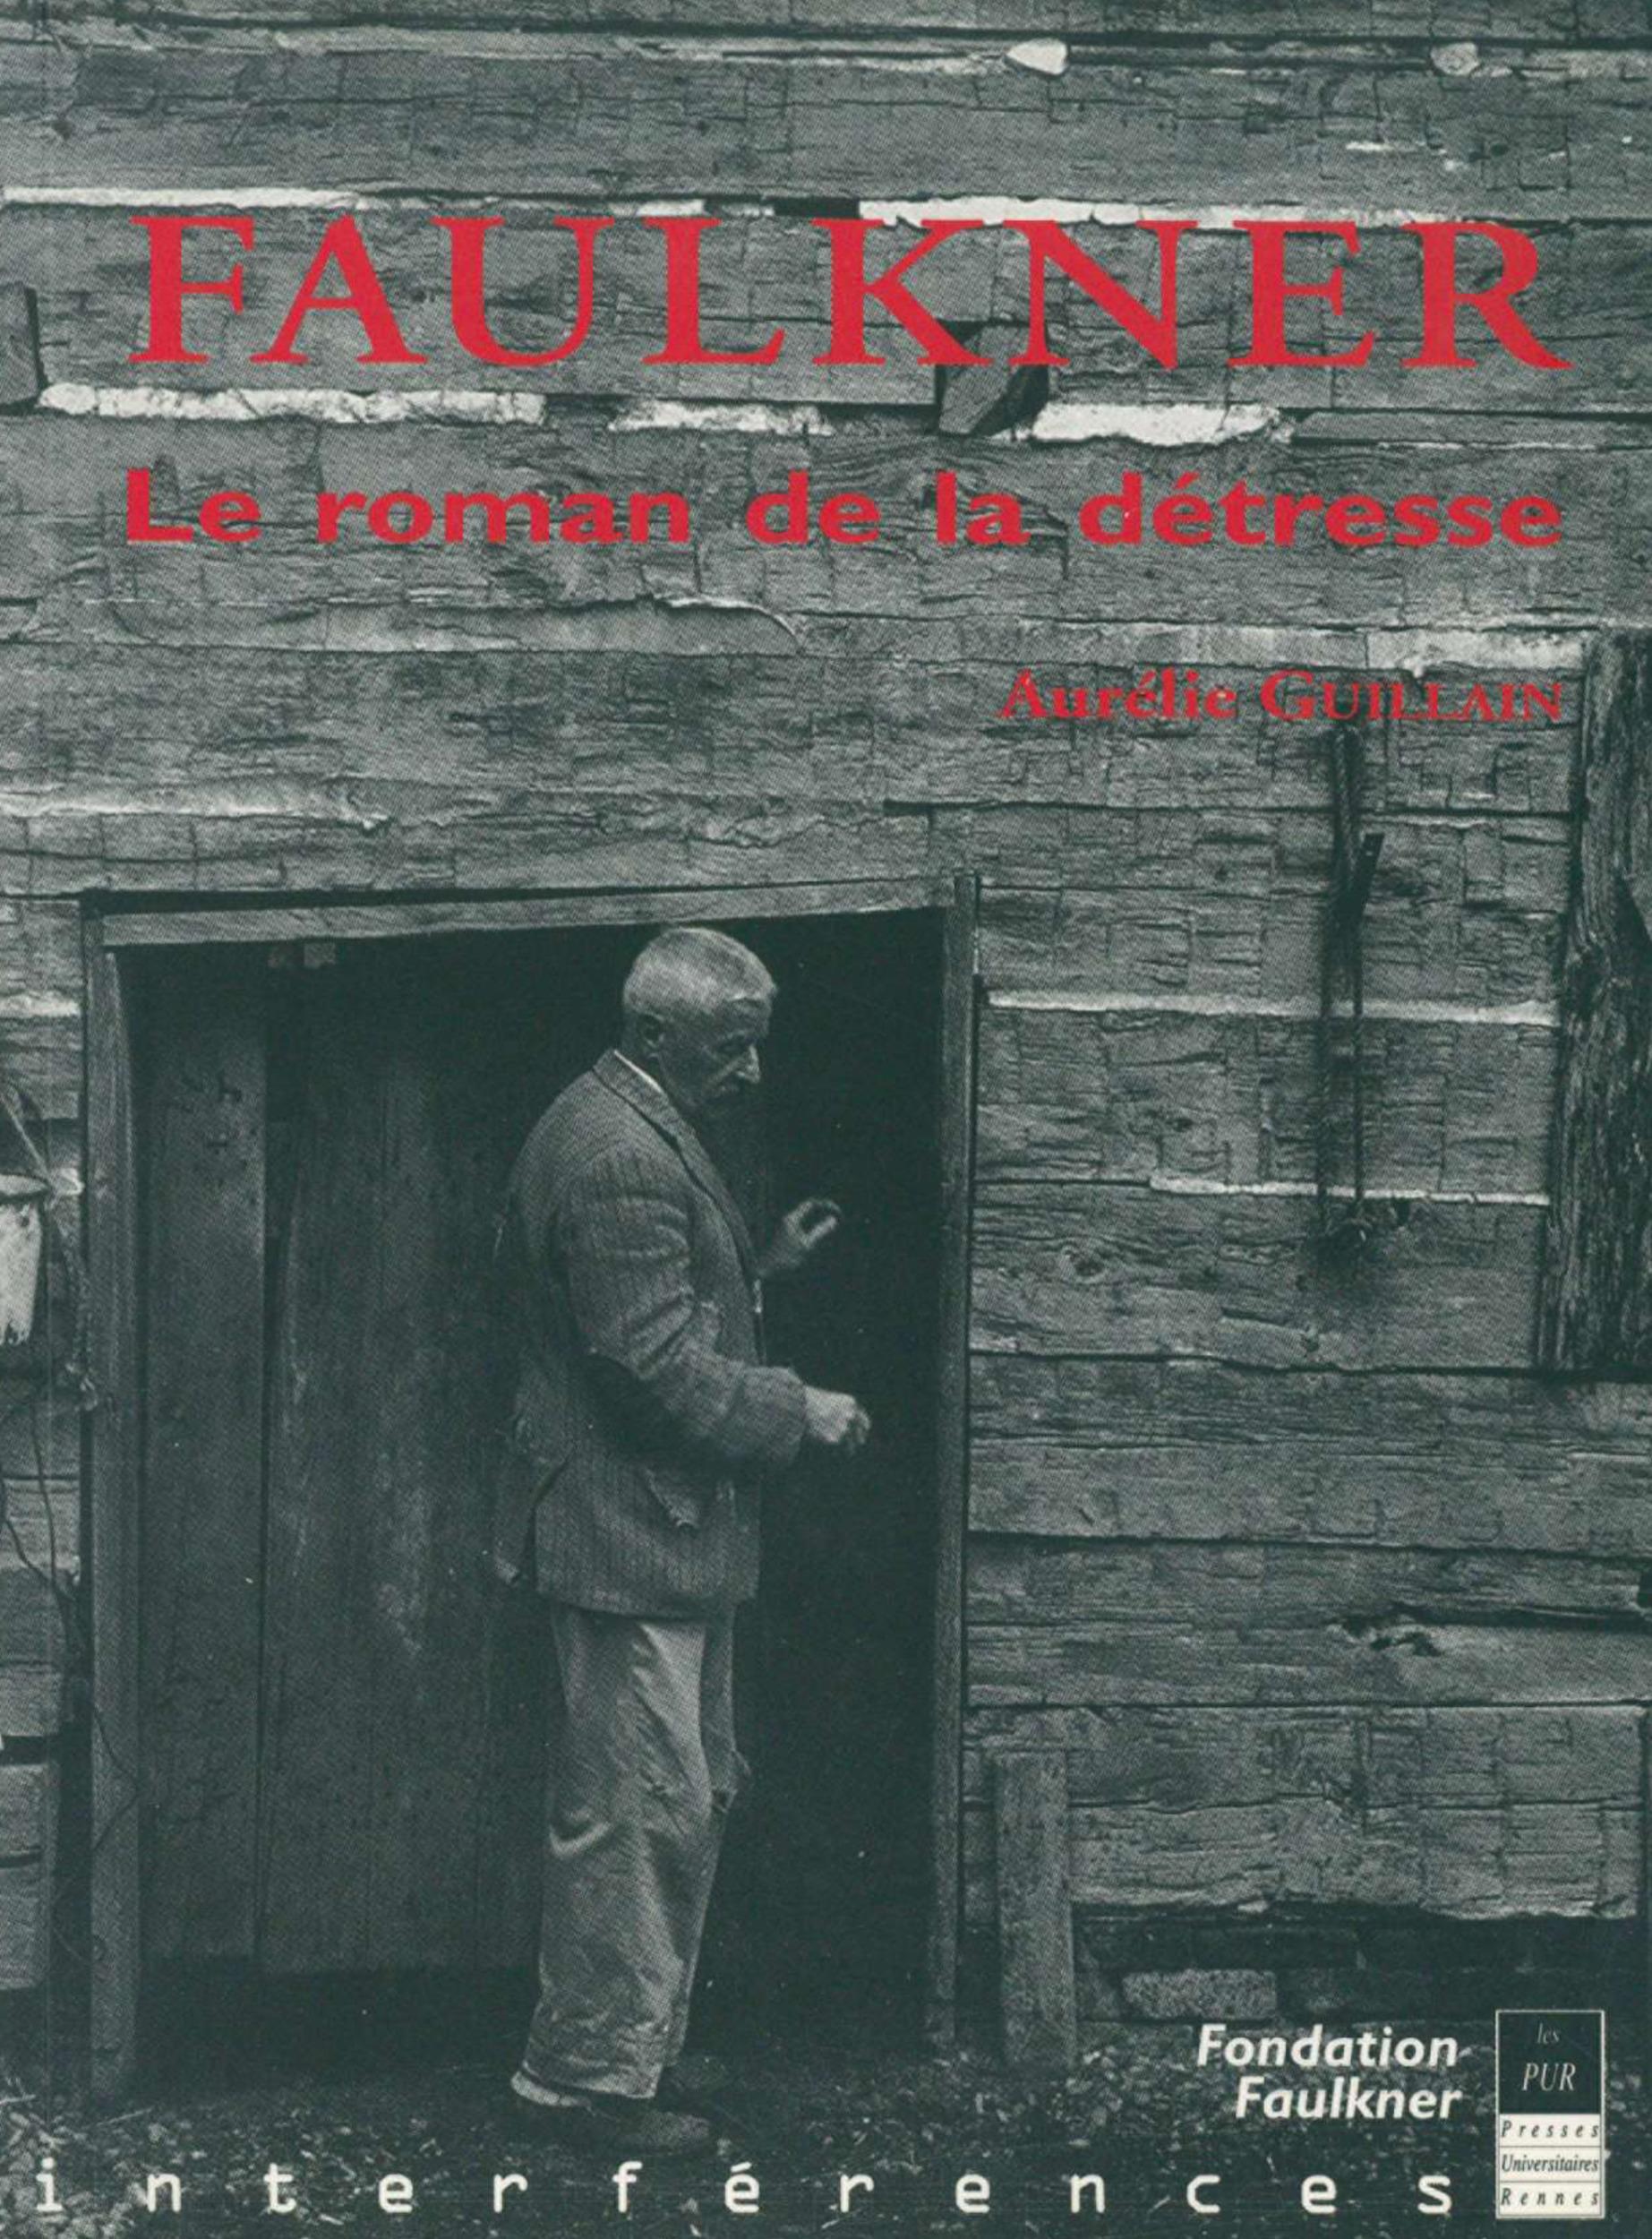 Faulkner le roman de la detresse